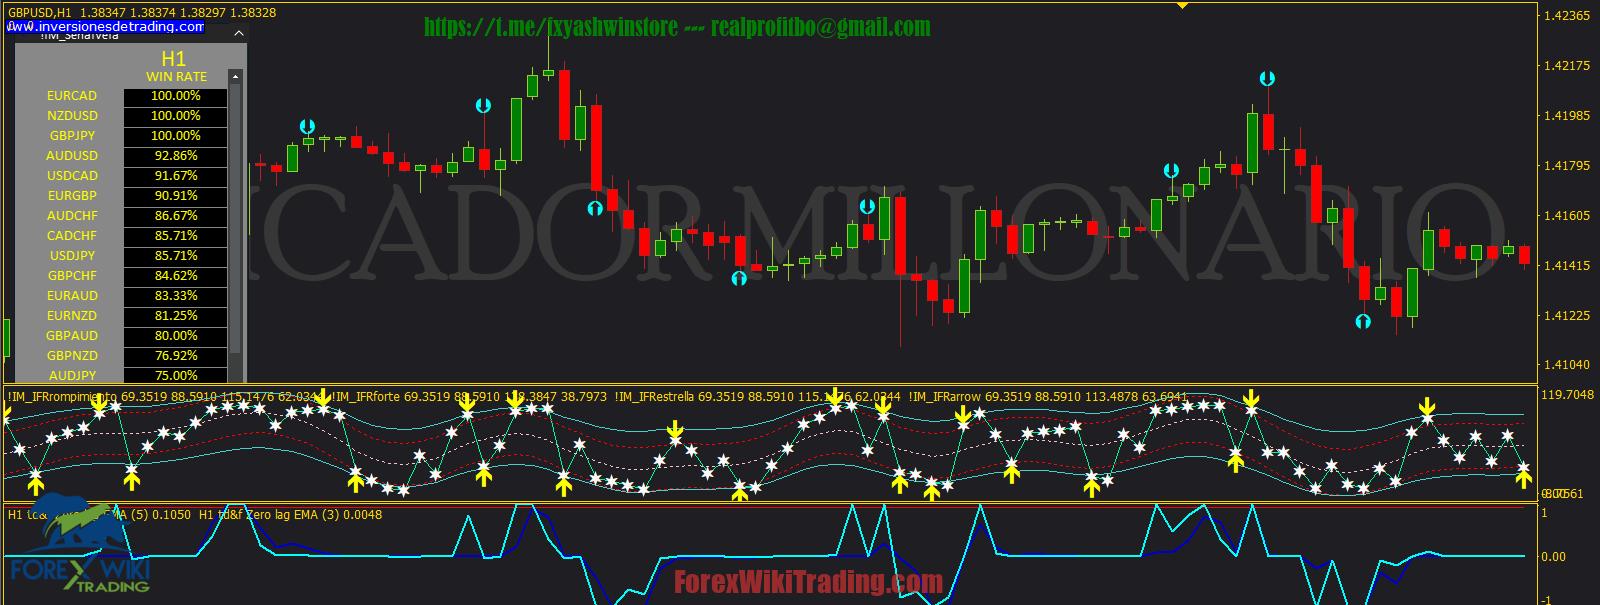 MILLONARIO V1.01 Trading System -[Worth $199]- Free Version